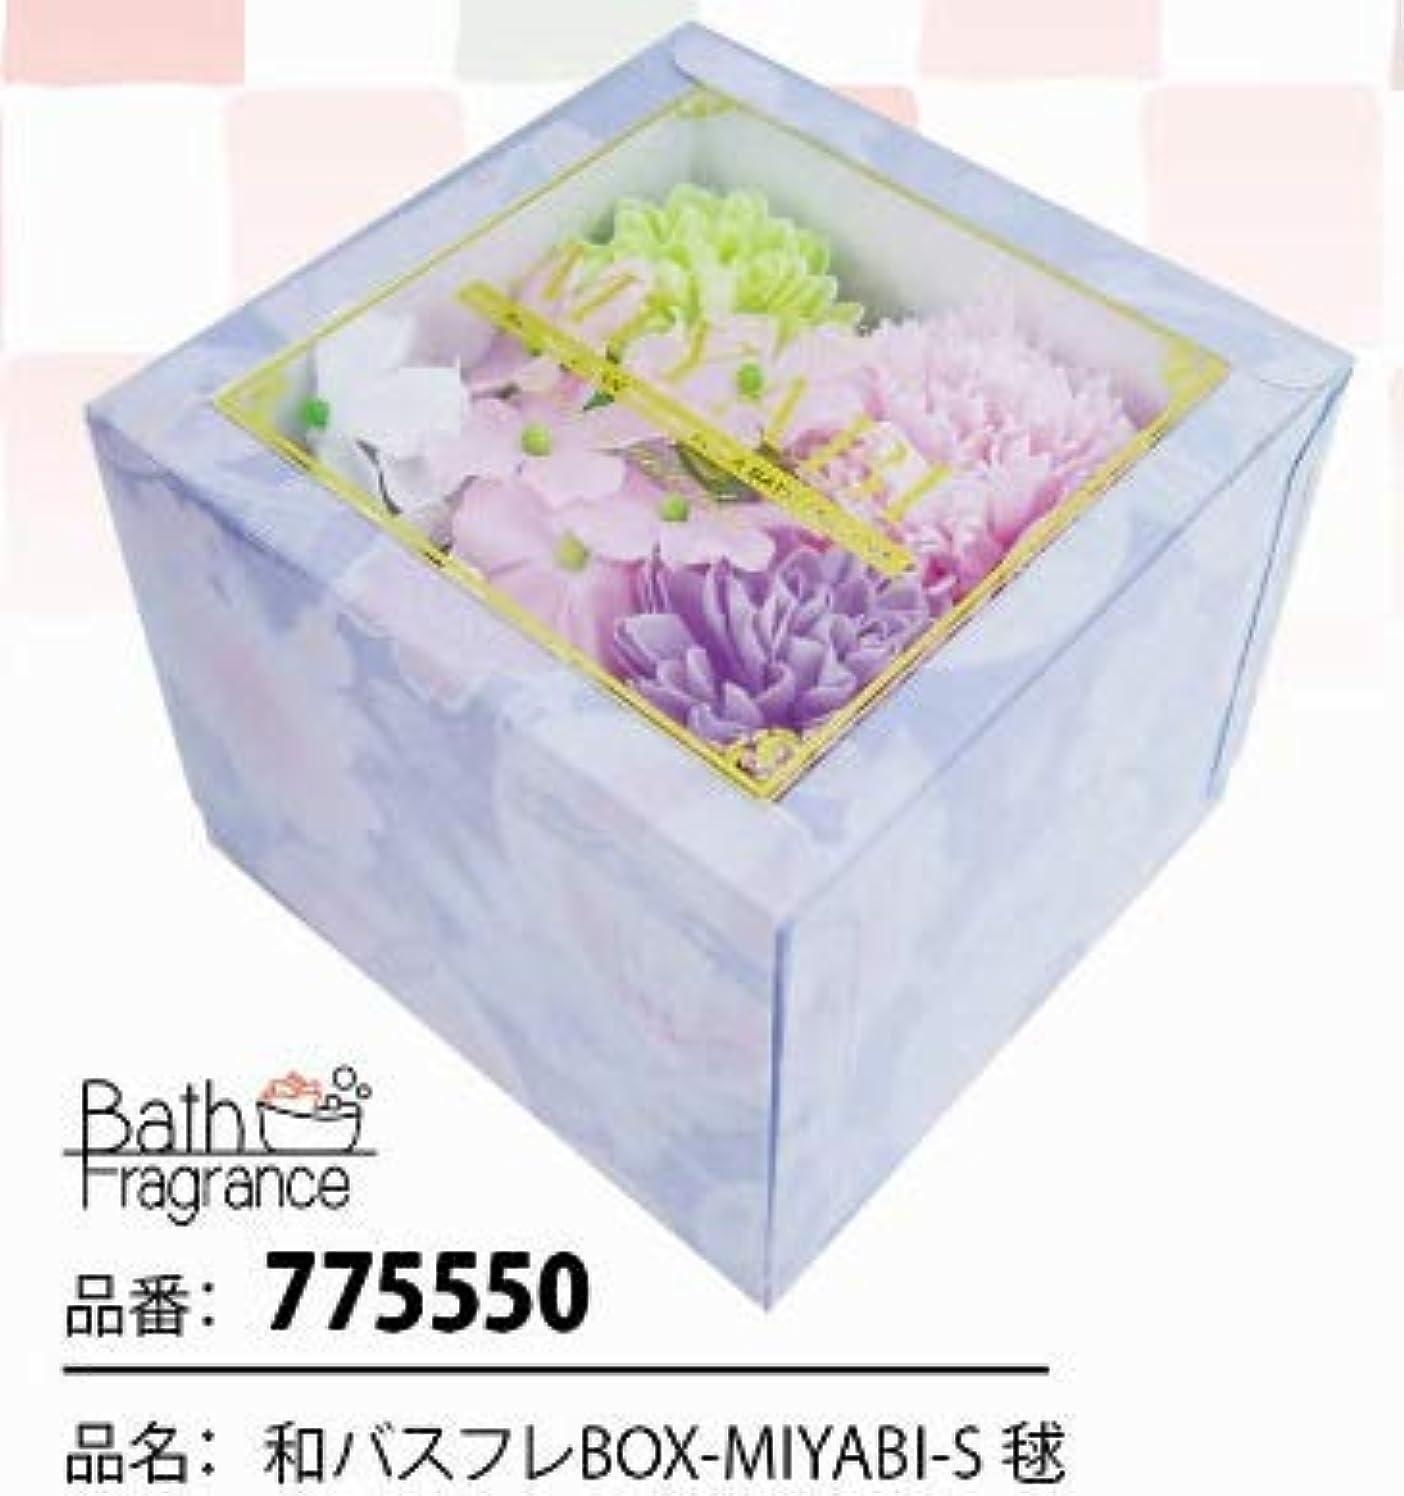 ペイン泥電気花のカタチの入浴剤 和バスフレBOX-MIYABI-S毬 775550